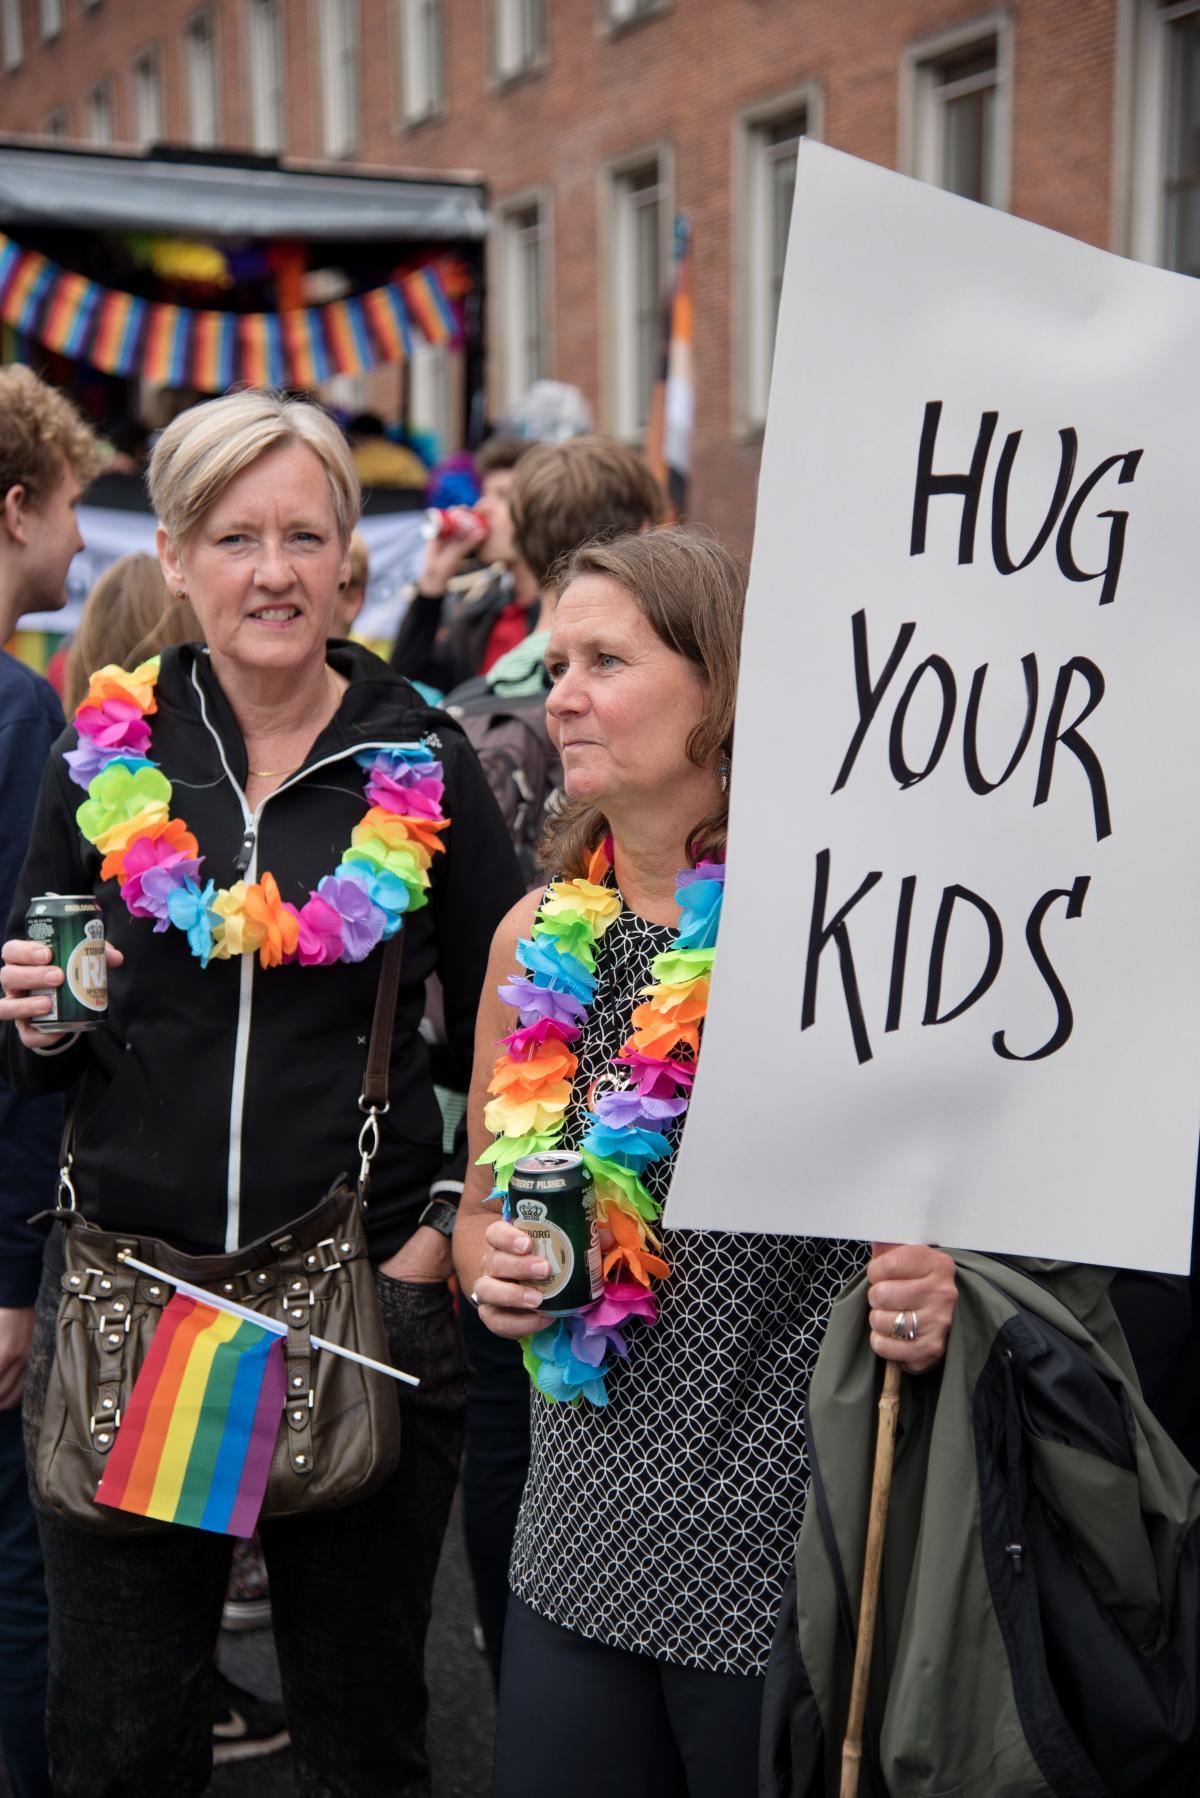 Прайд-парад - це в першу чергу про толерантність і любов / Фото Андрій Вацик